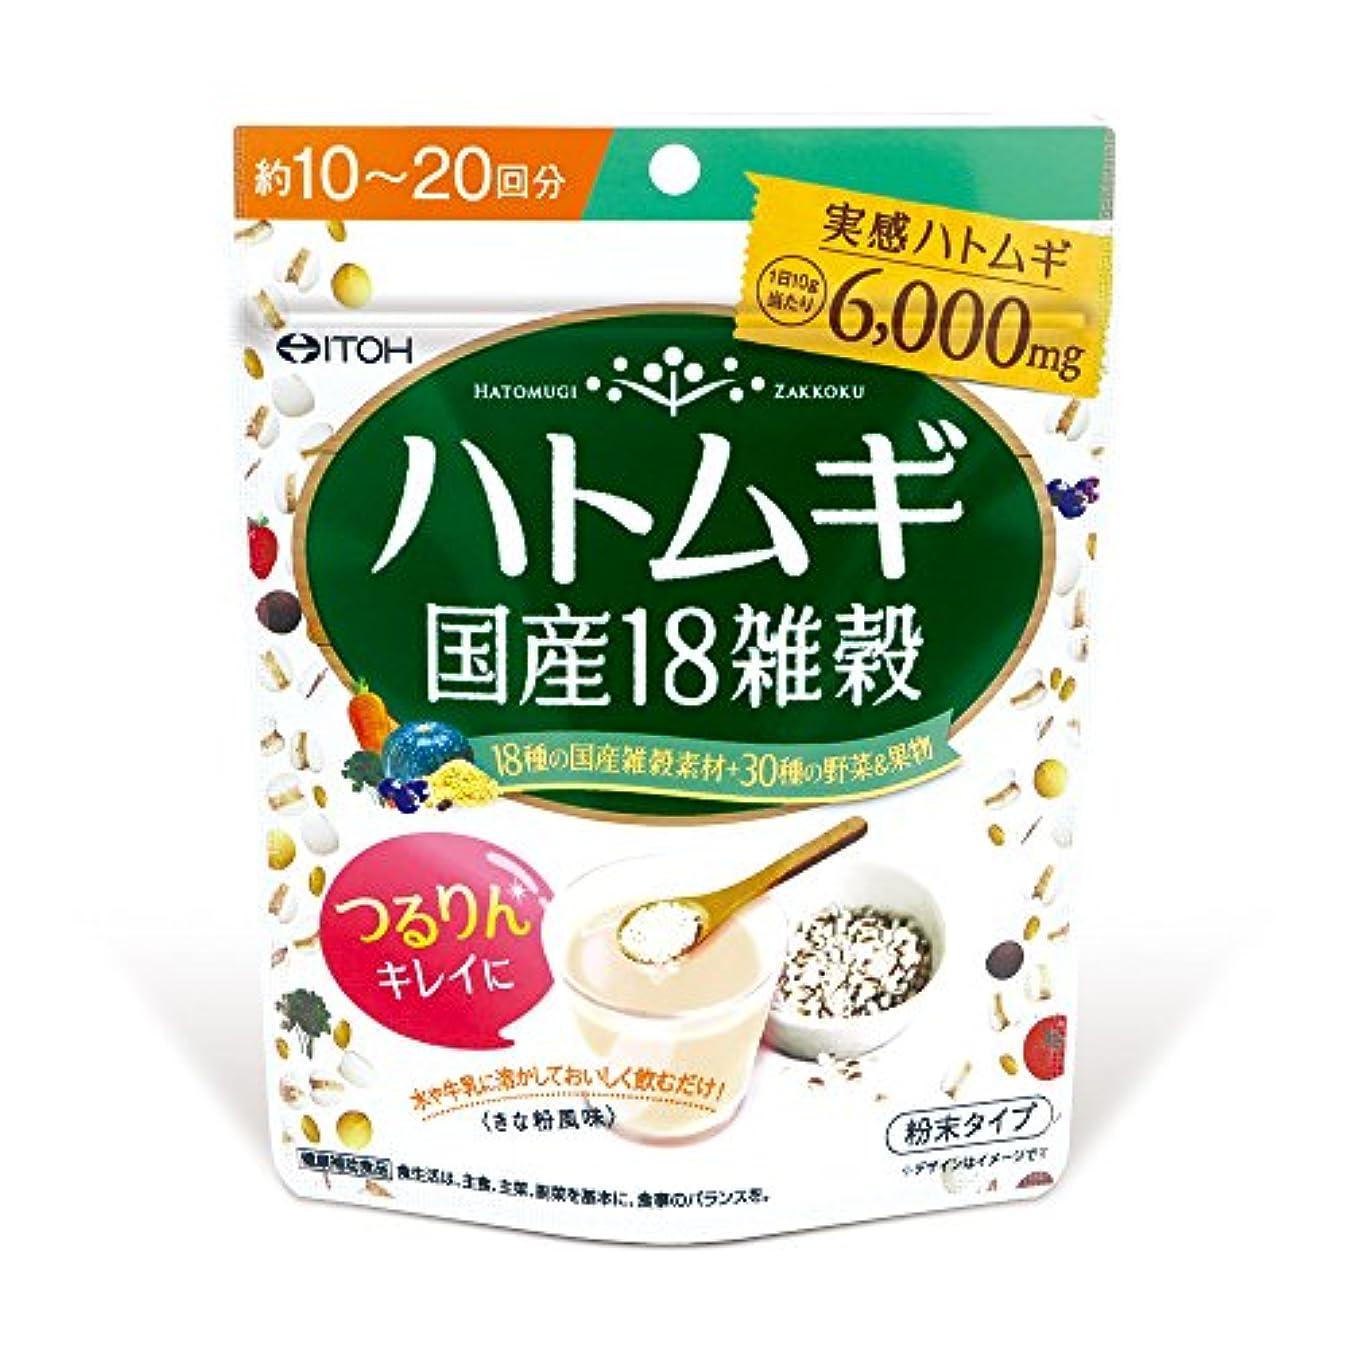 位置づける時折北井藤漢方製薬 ハトムギ国産18雑穀 100g